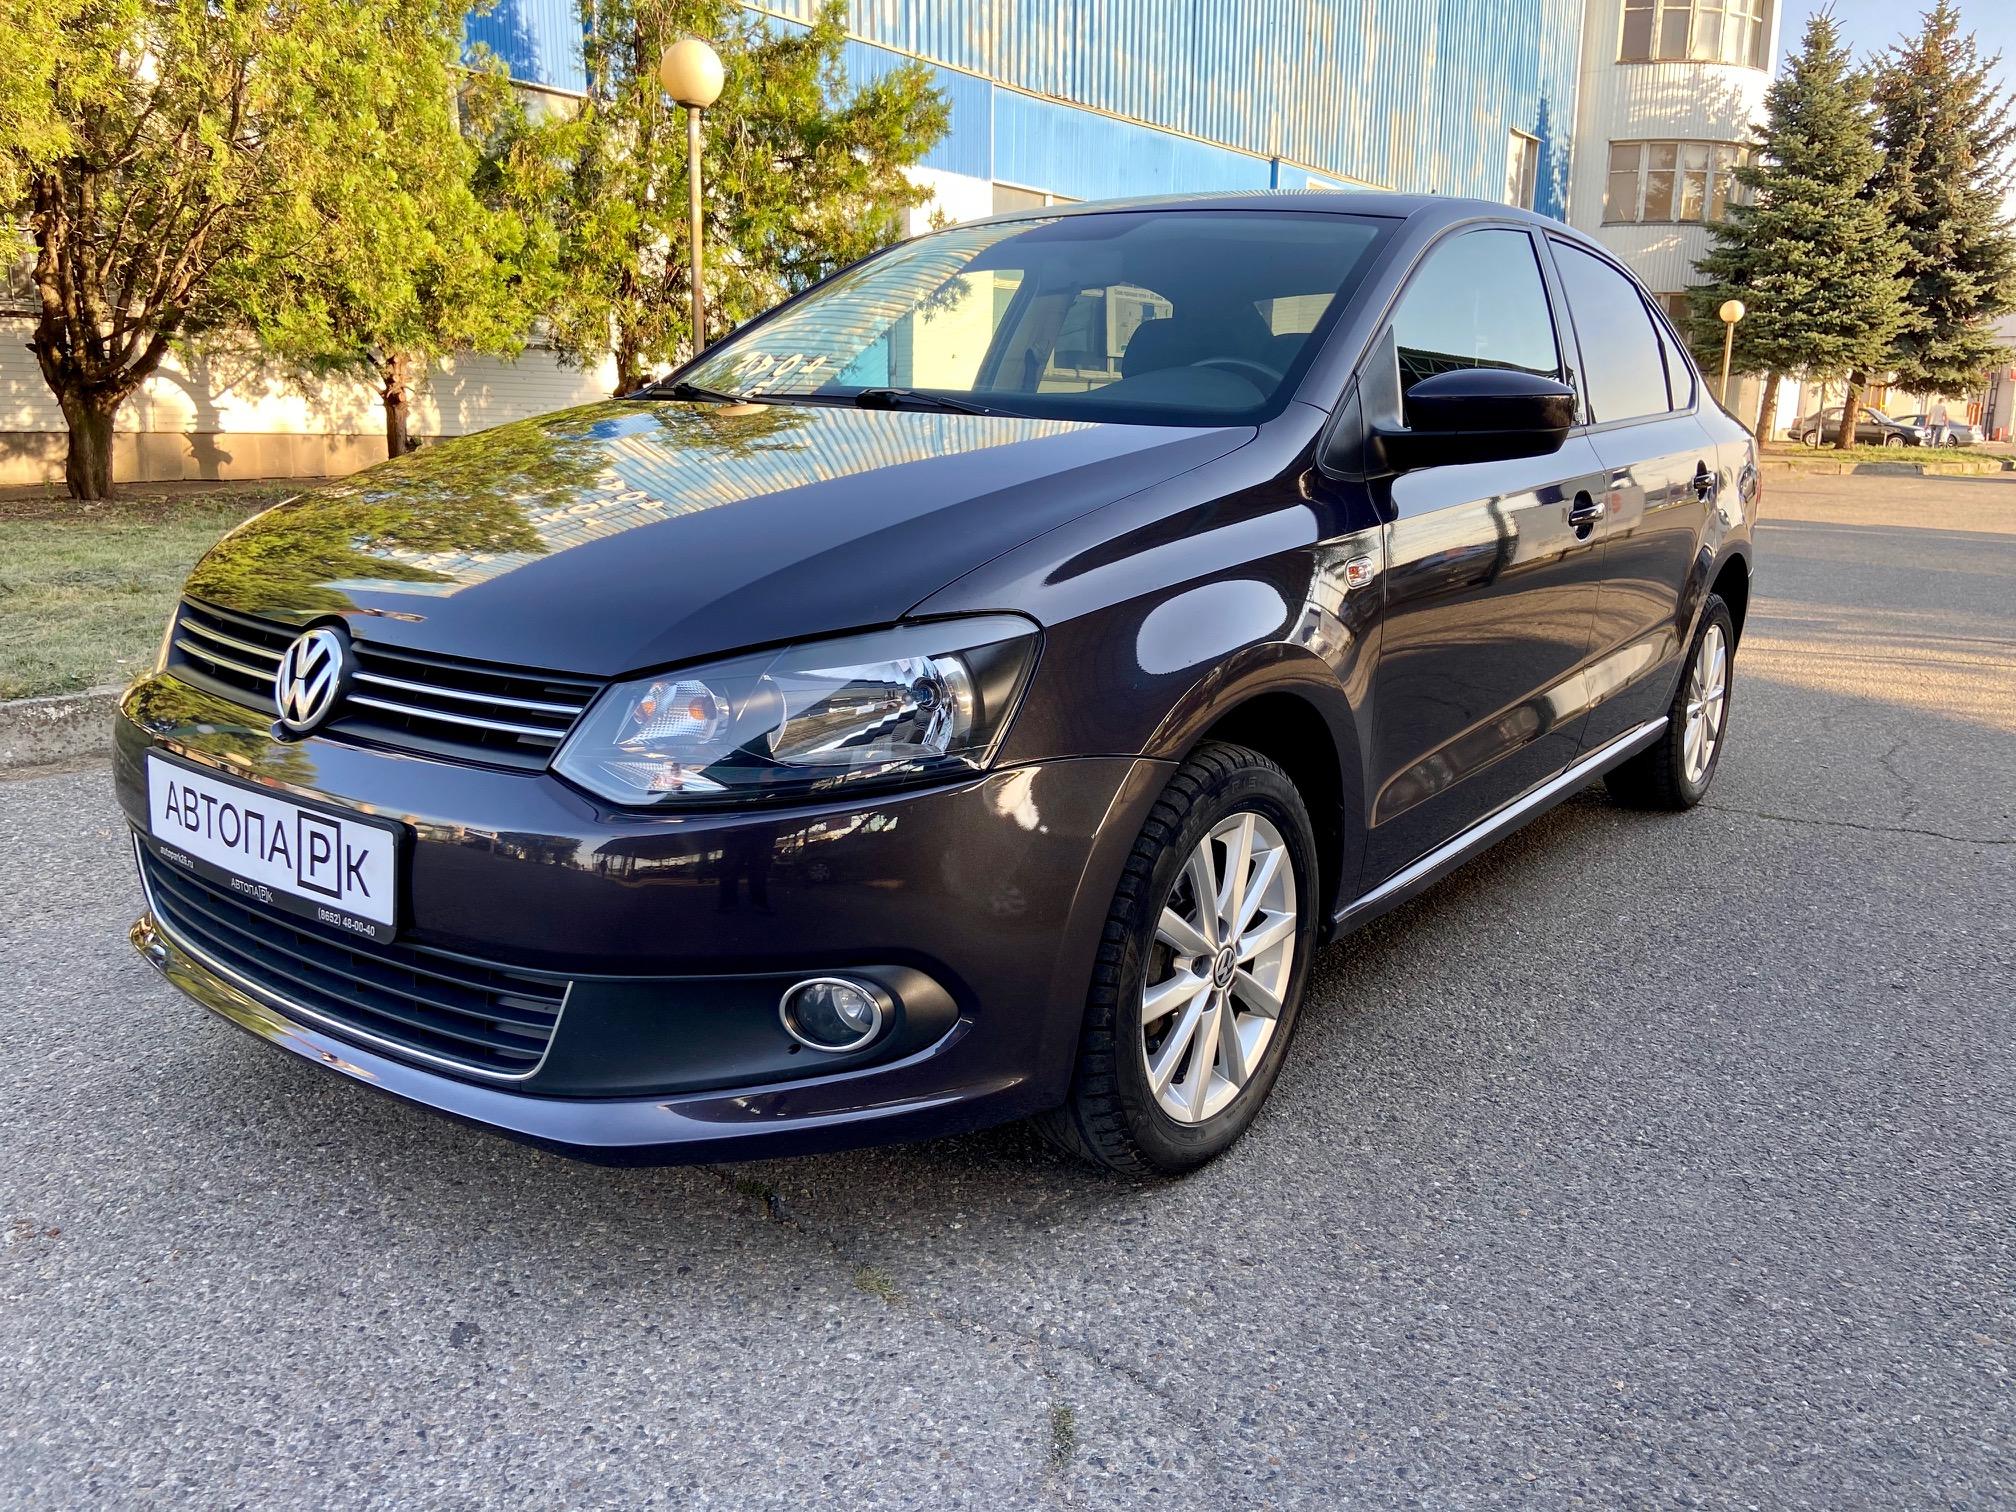 Купить Volkswagen Polo (Тёмно-серый) - Автопарк Ставрополь